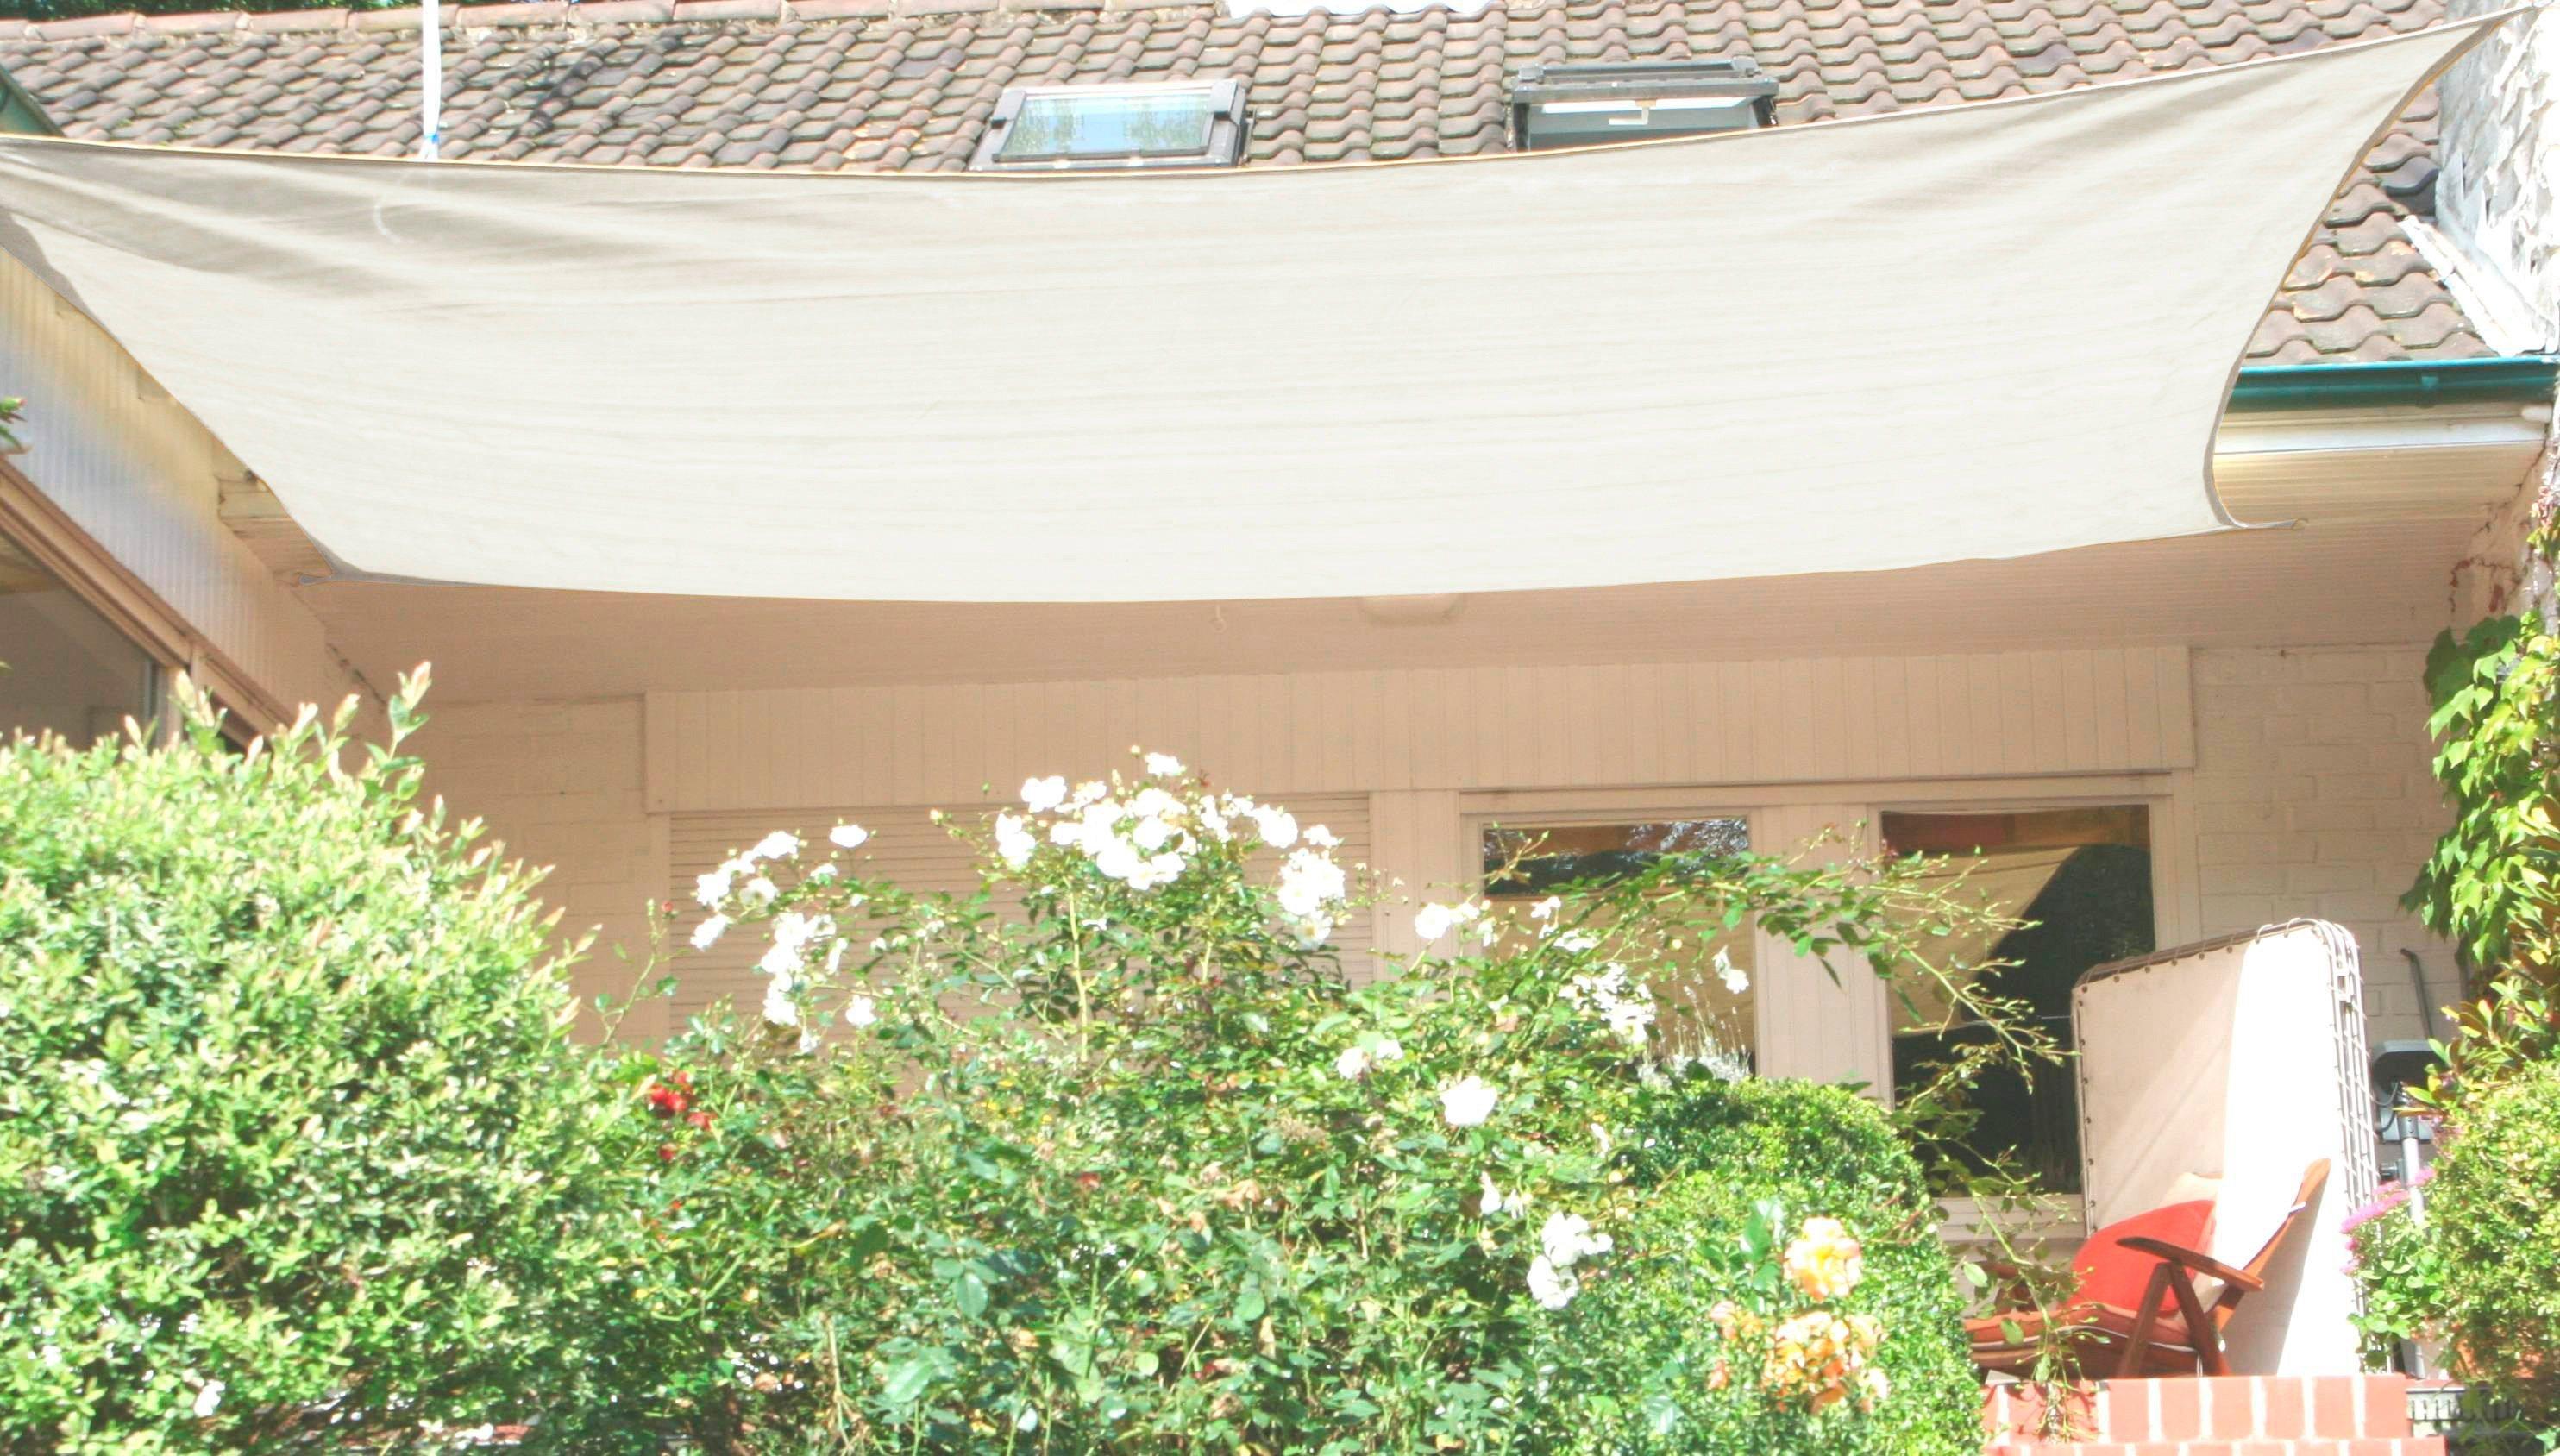 FLORACORD Sonnensegel , BxL: 500x400 cm, cremeweiß | Garten > Sonnenschirme und Markisen > Sonnensegel | Polyethylen | Floracord